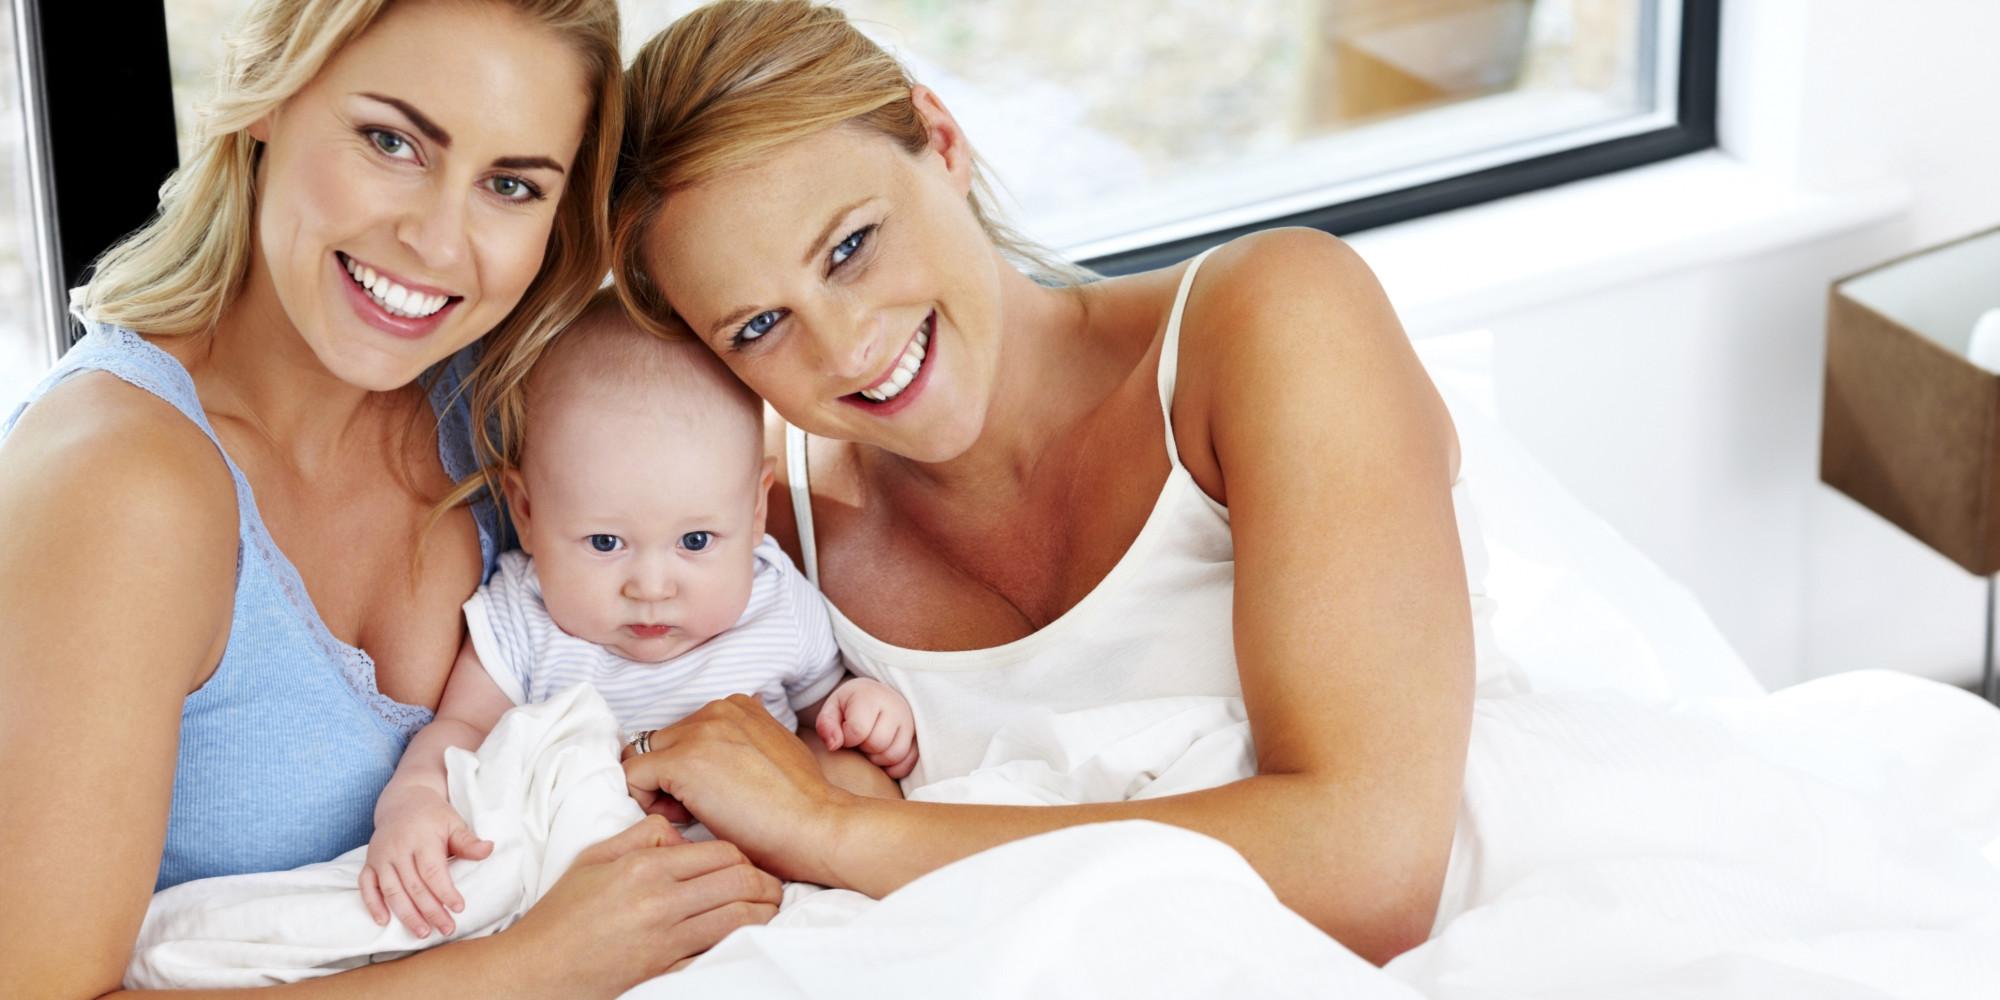 Child centered marriage divorce statistics